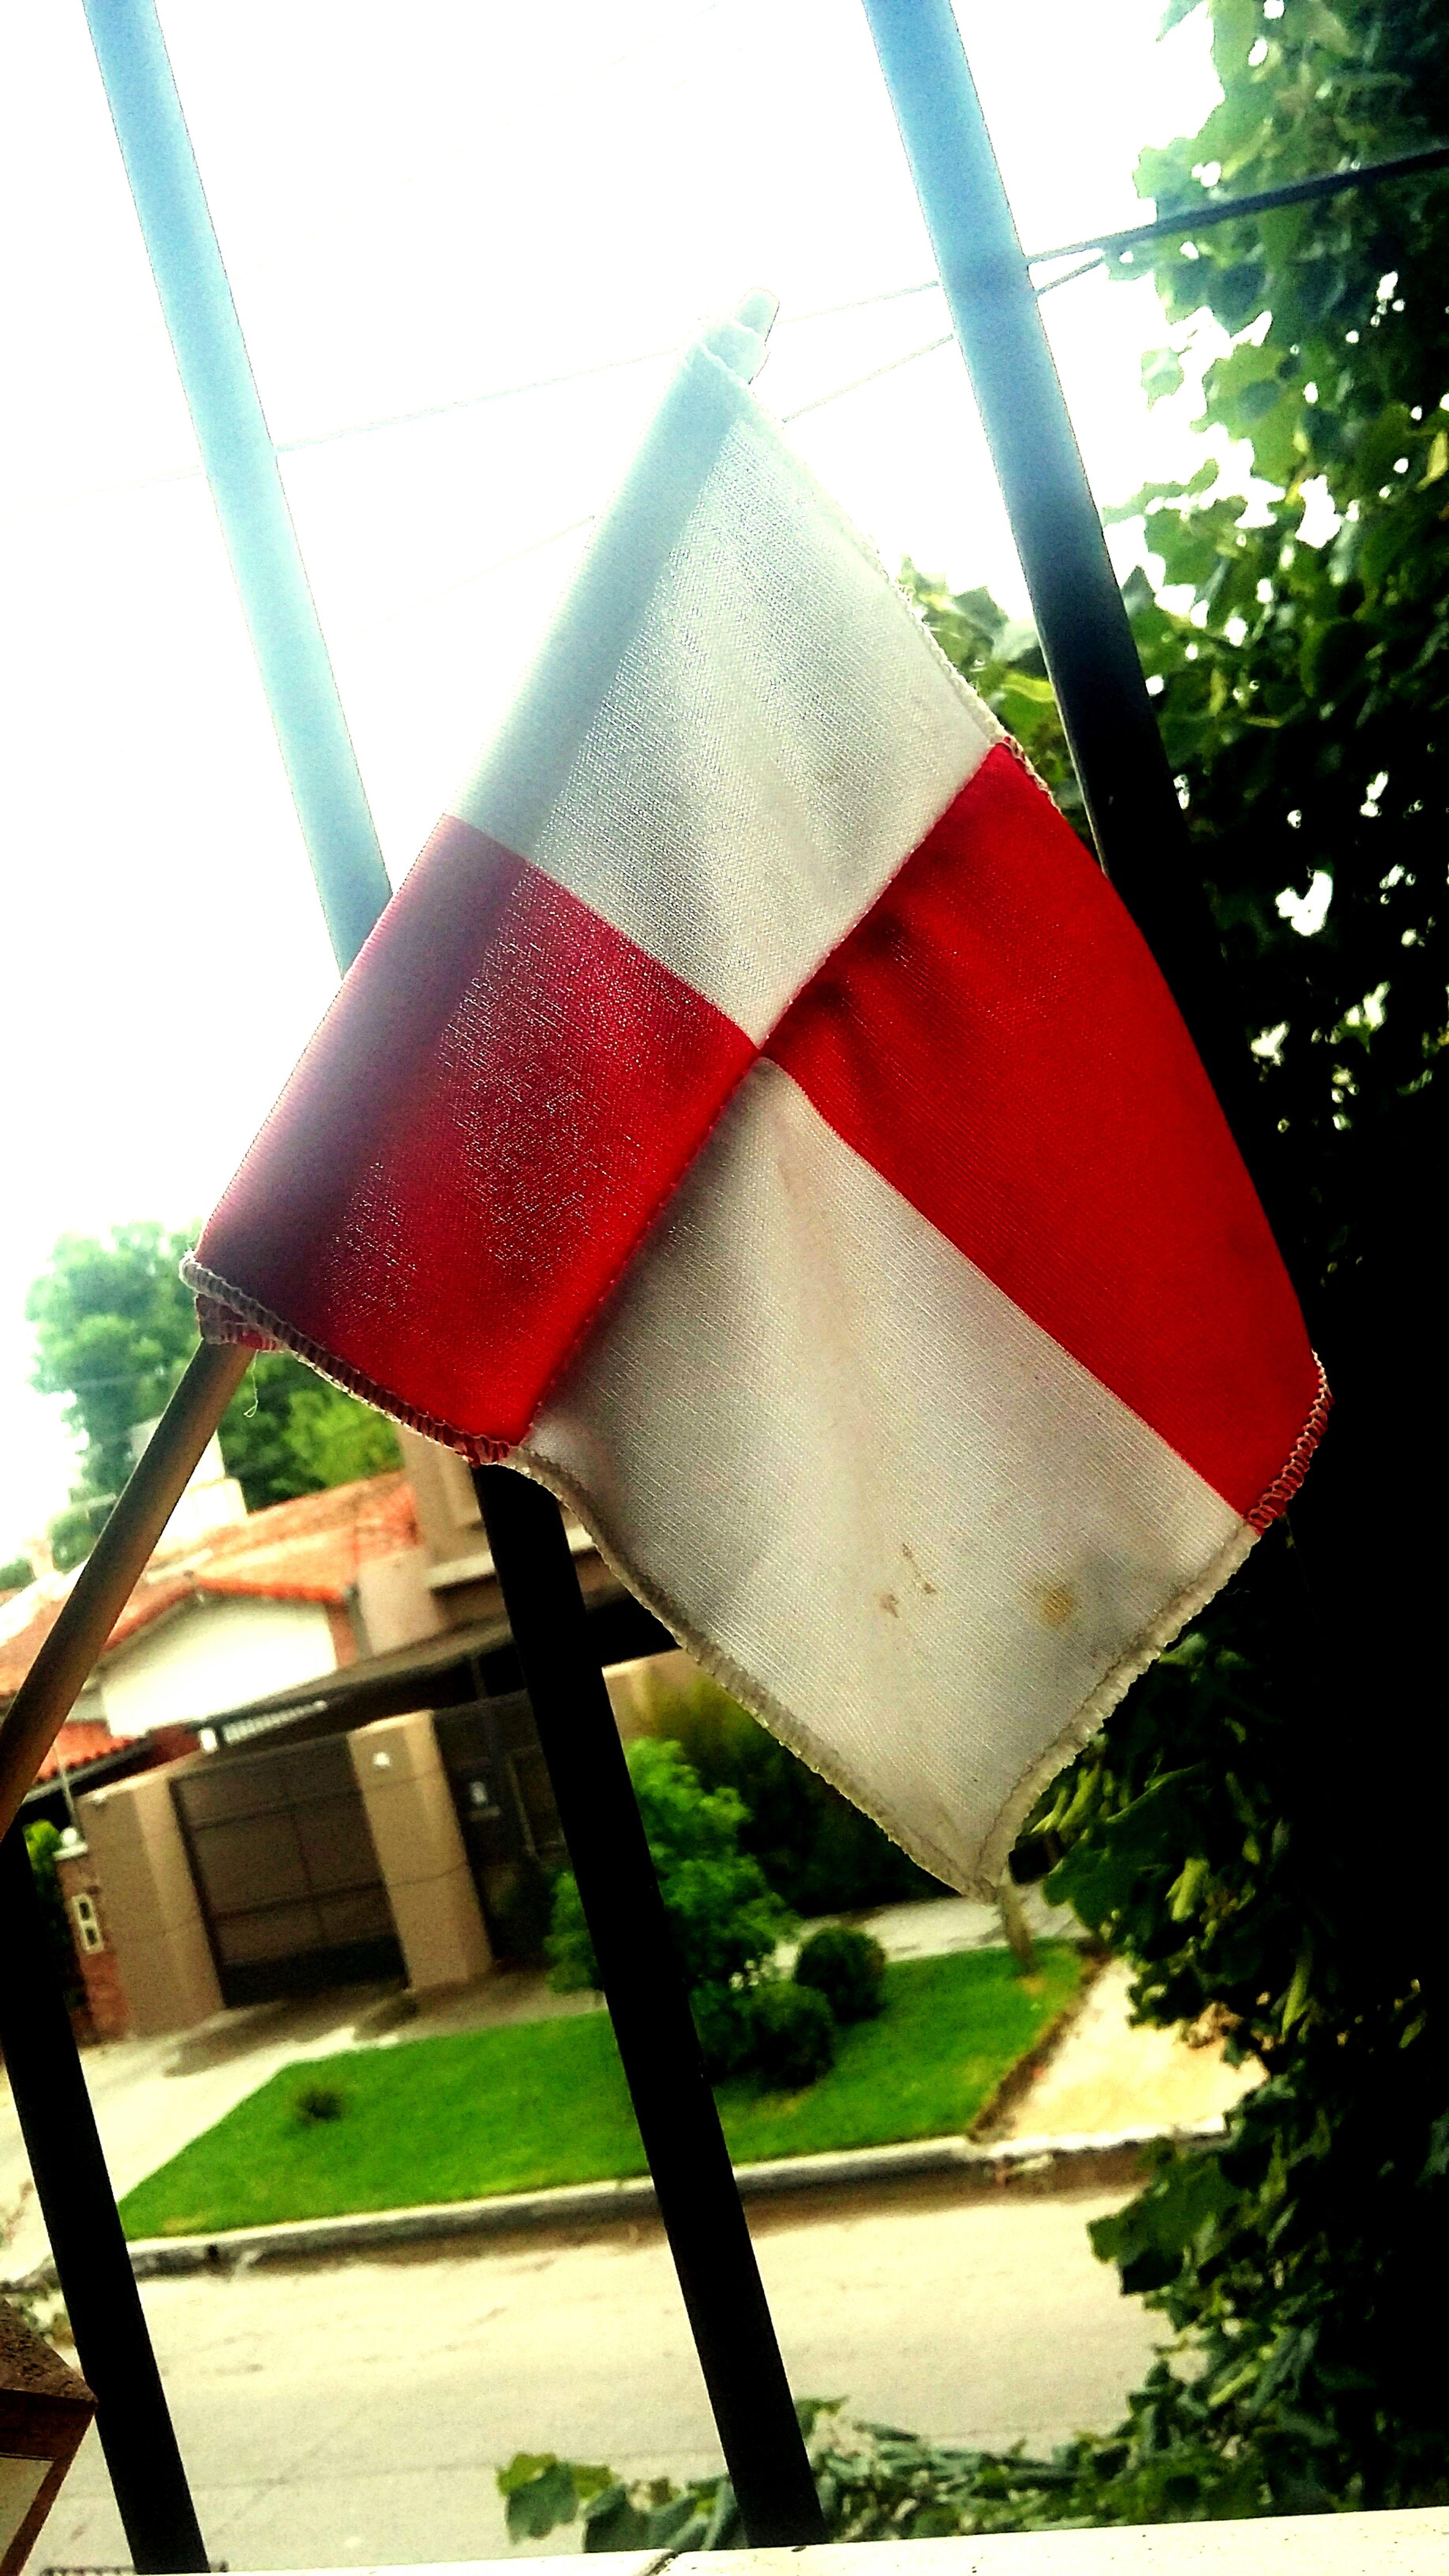 Matreros Flag Rugby Argentina Escuelita Recuerdos De Infancia Orgullo